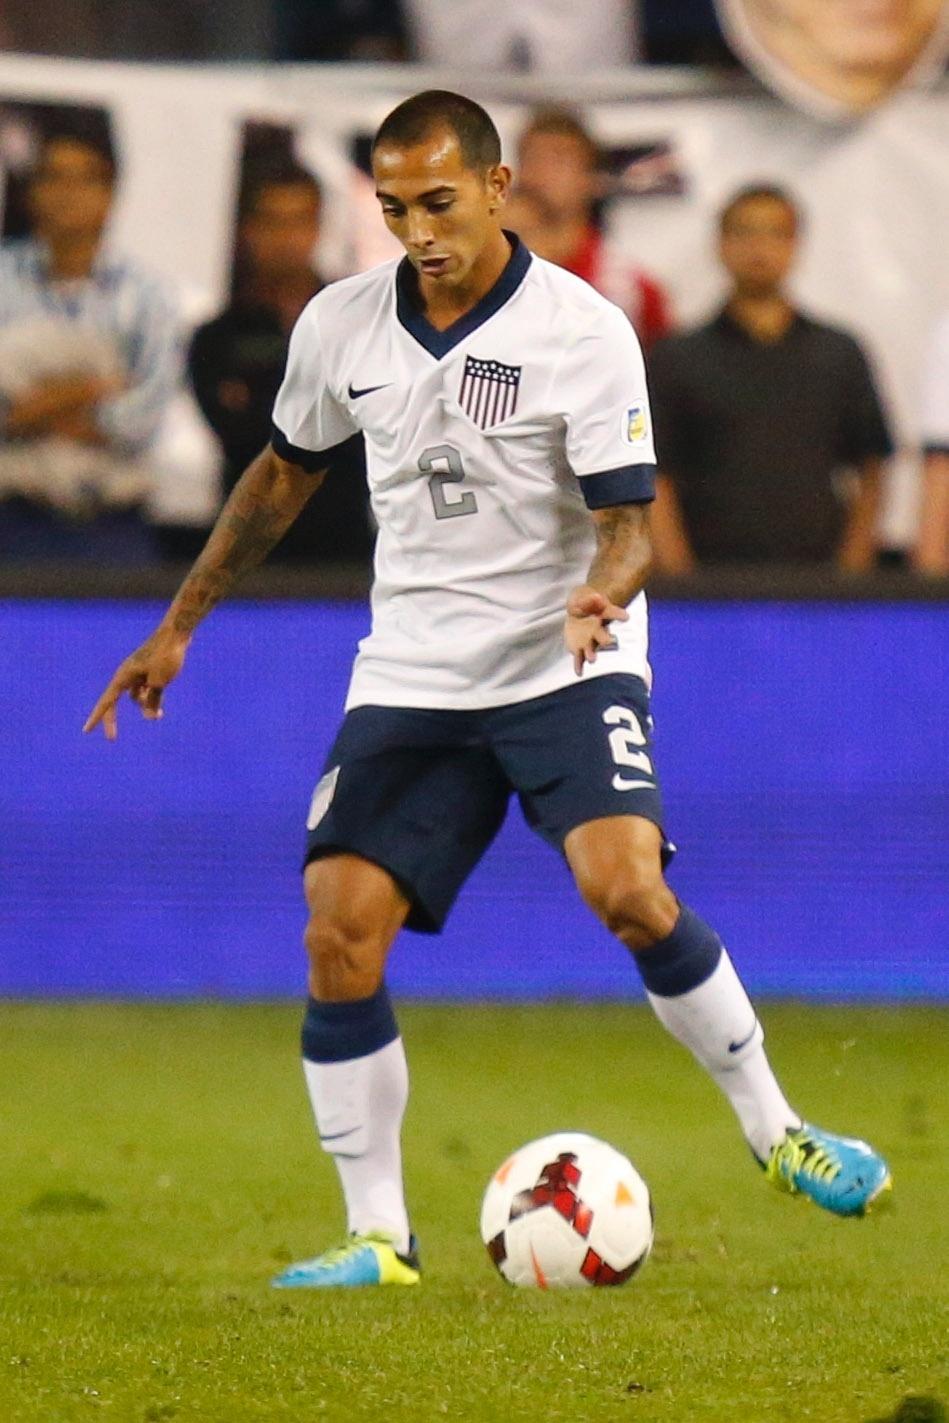 11.out.2013 -Edgar Castillo, dos EUA, toca a bola durante a partida contra a Jamaica